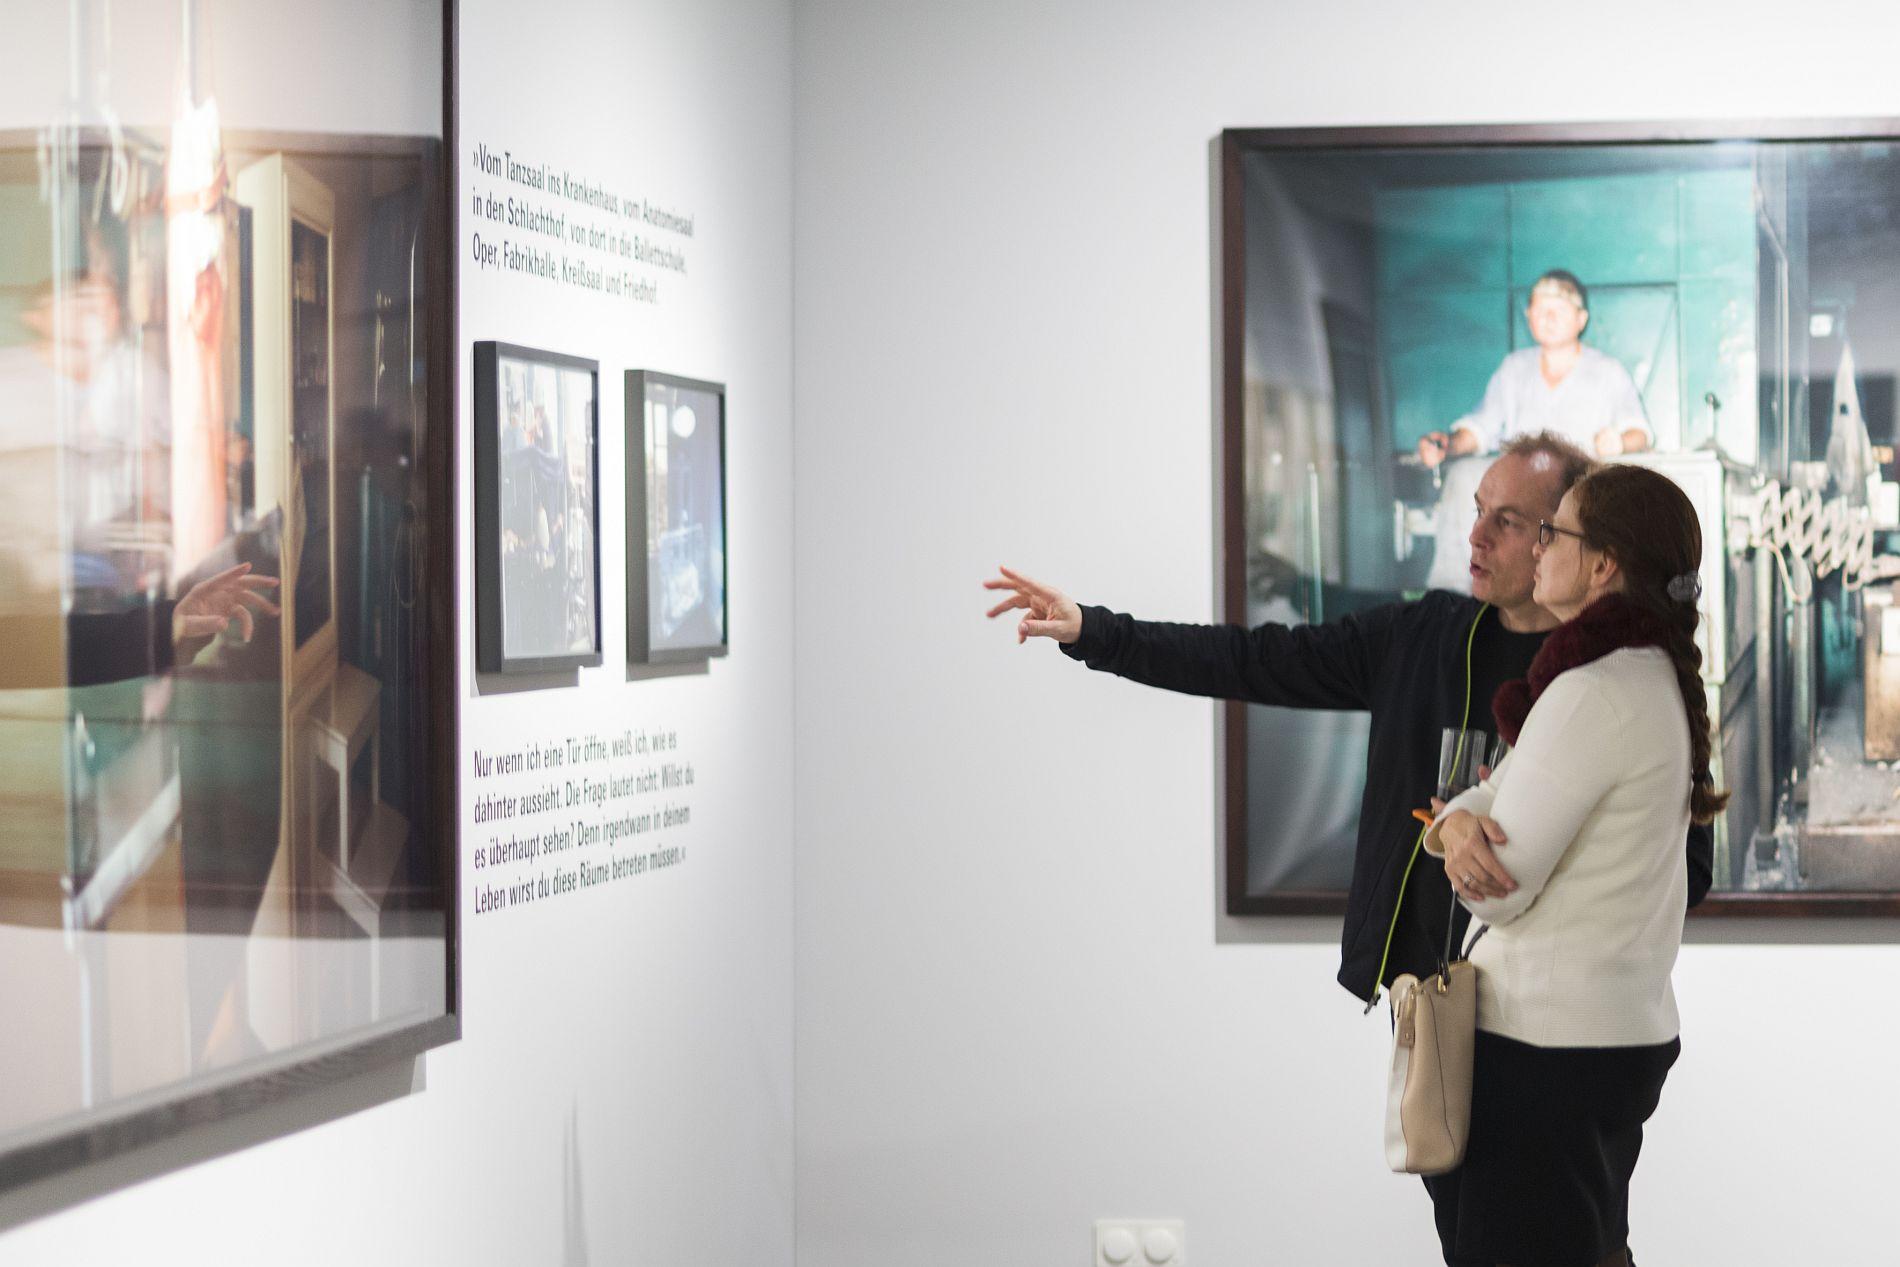 Besucher in der Ausstellung 'Zuhause ist ein fernes Land' mit Fotografien von Gundula Schulze Eldowy im Ausstellungspavillon der Stiftung Haus der Geschichte in Bonn